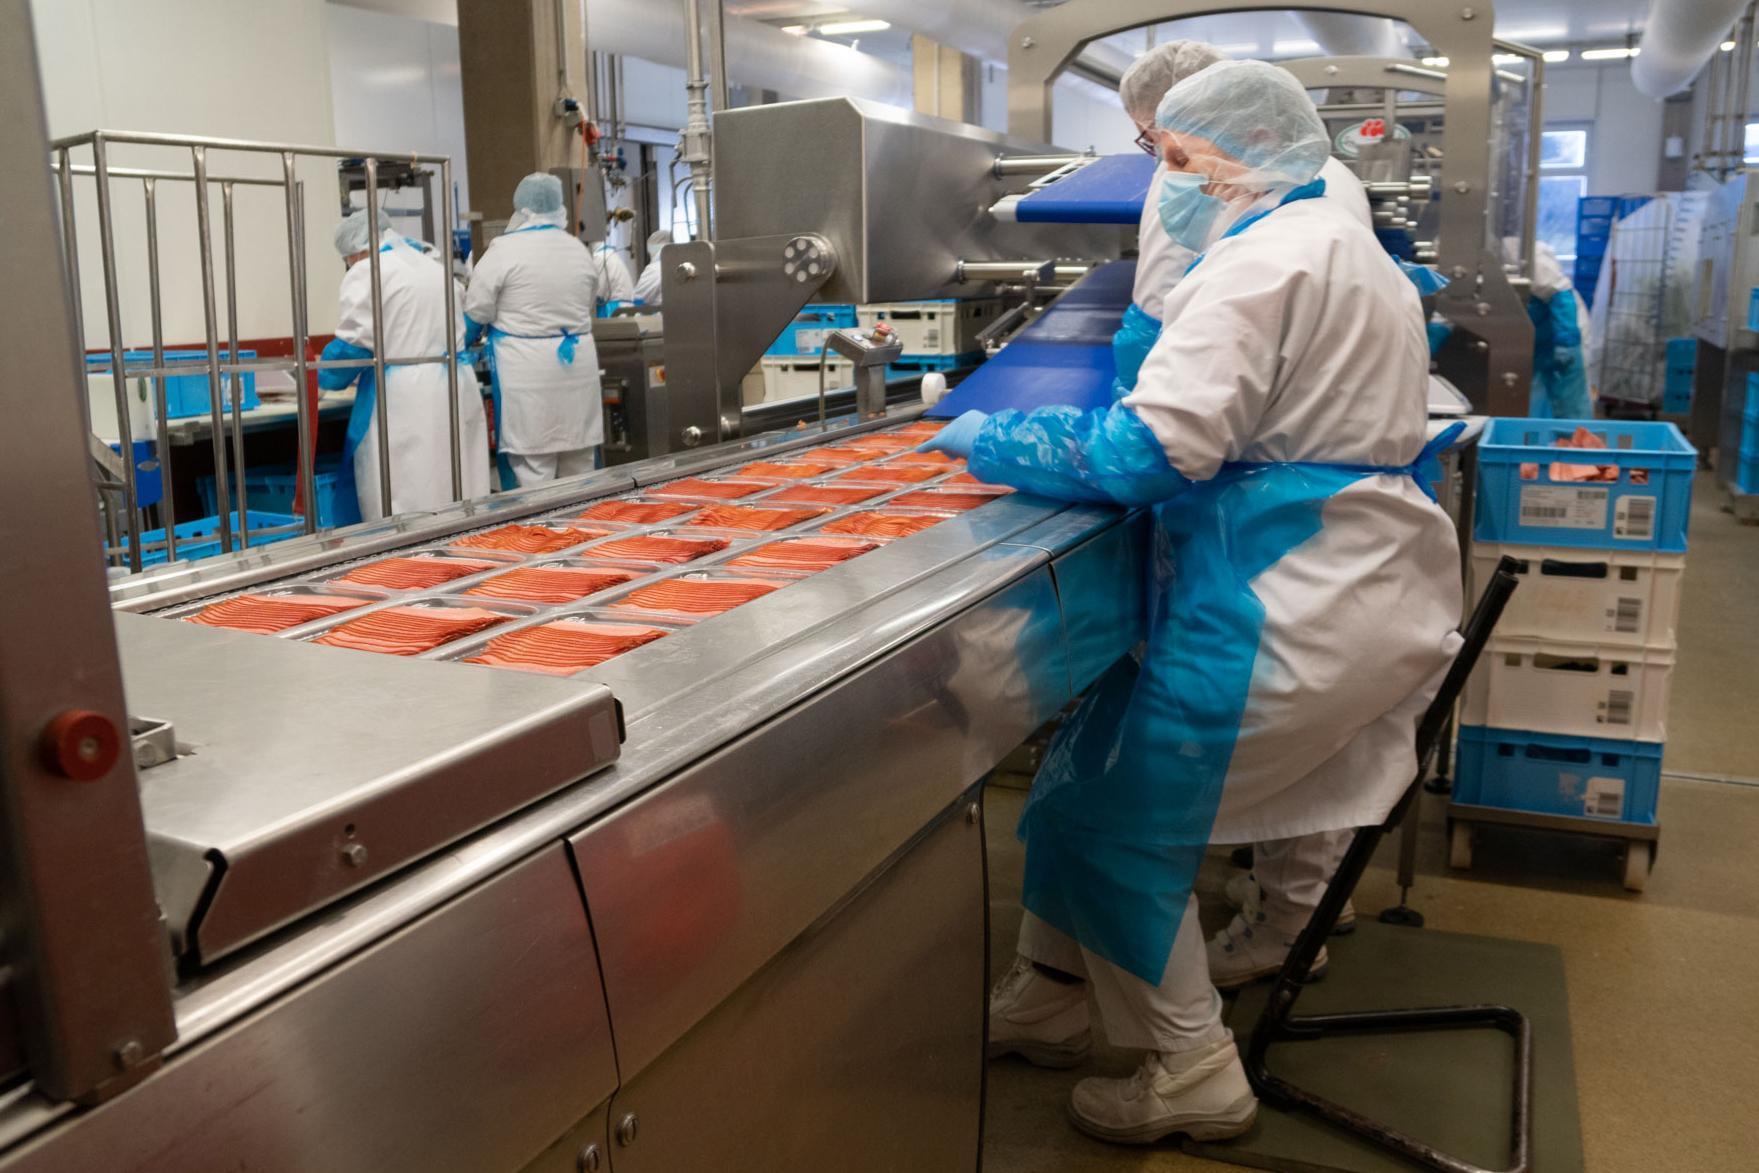 Eine Mitarbeiterin sitzt an einer Verpackungsmaschine, auf der Wurstwaren übers Band laufen.